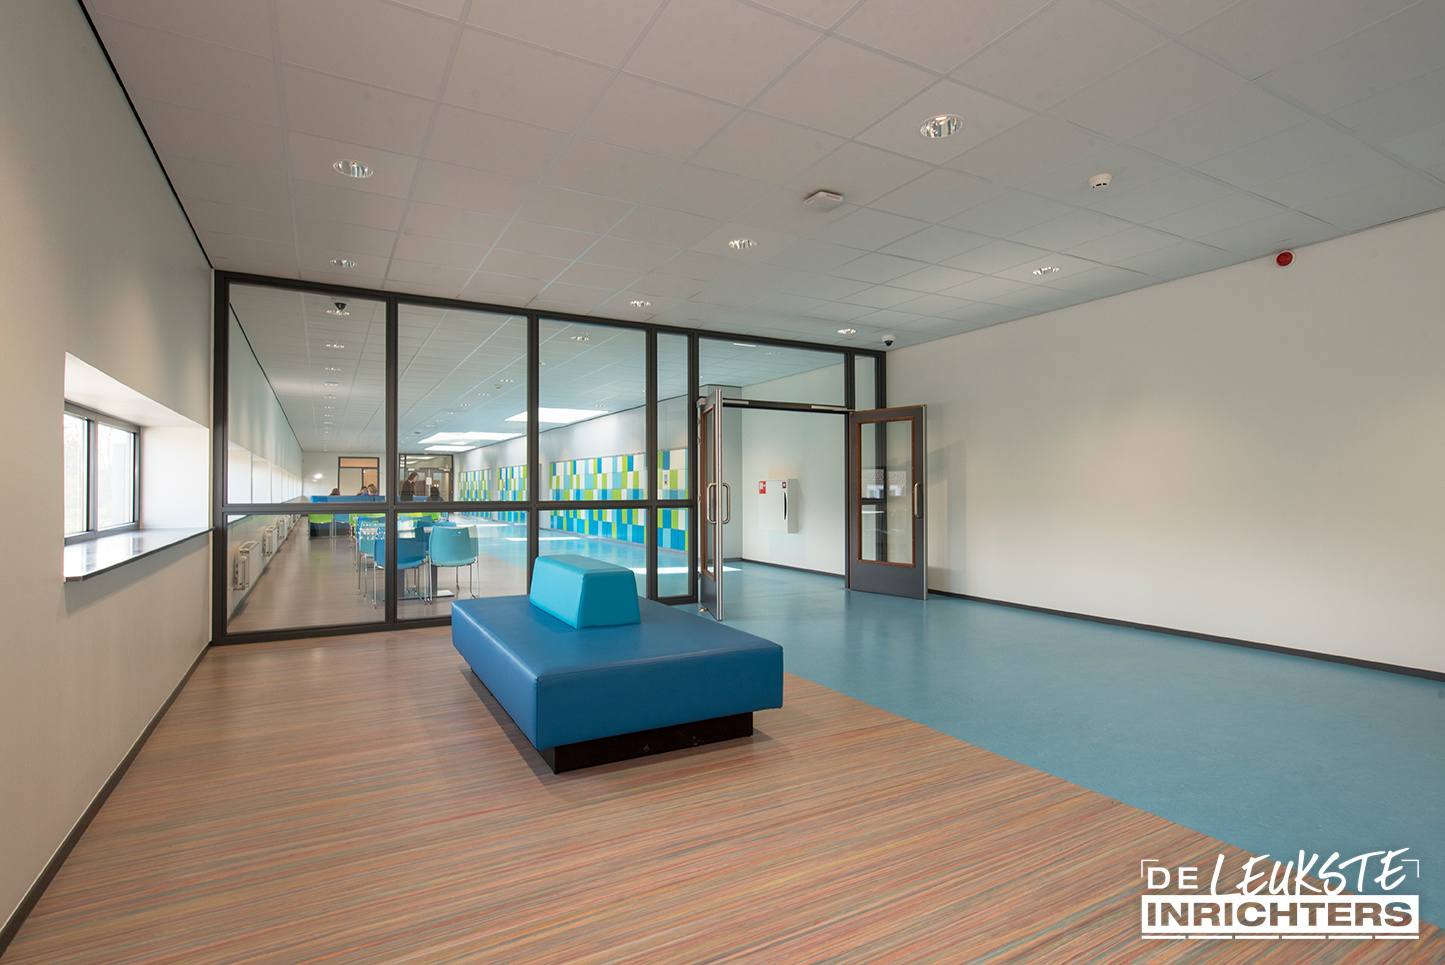 Alfrink aula hal gang ontwerp inrichting 2